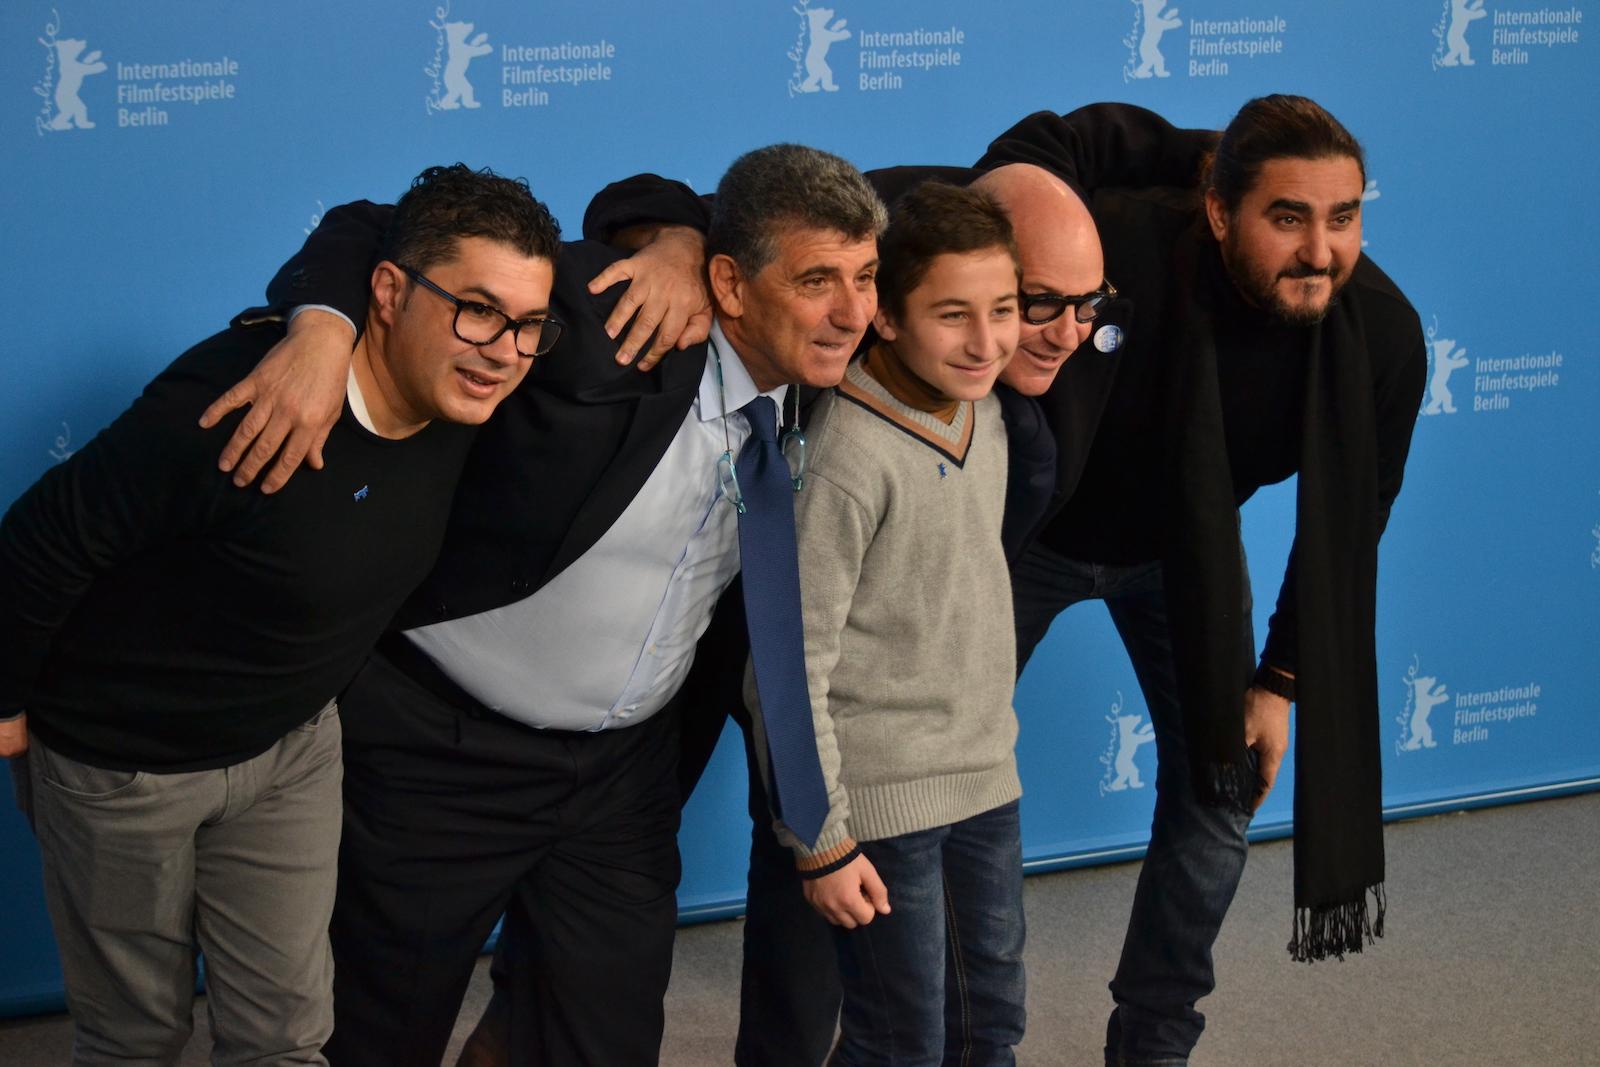 Berlino 2016: Samuele Puccillo, il regista Gianfranco Rosi, Pietro Bartolo scherzano al photocall di Fuocoammare